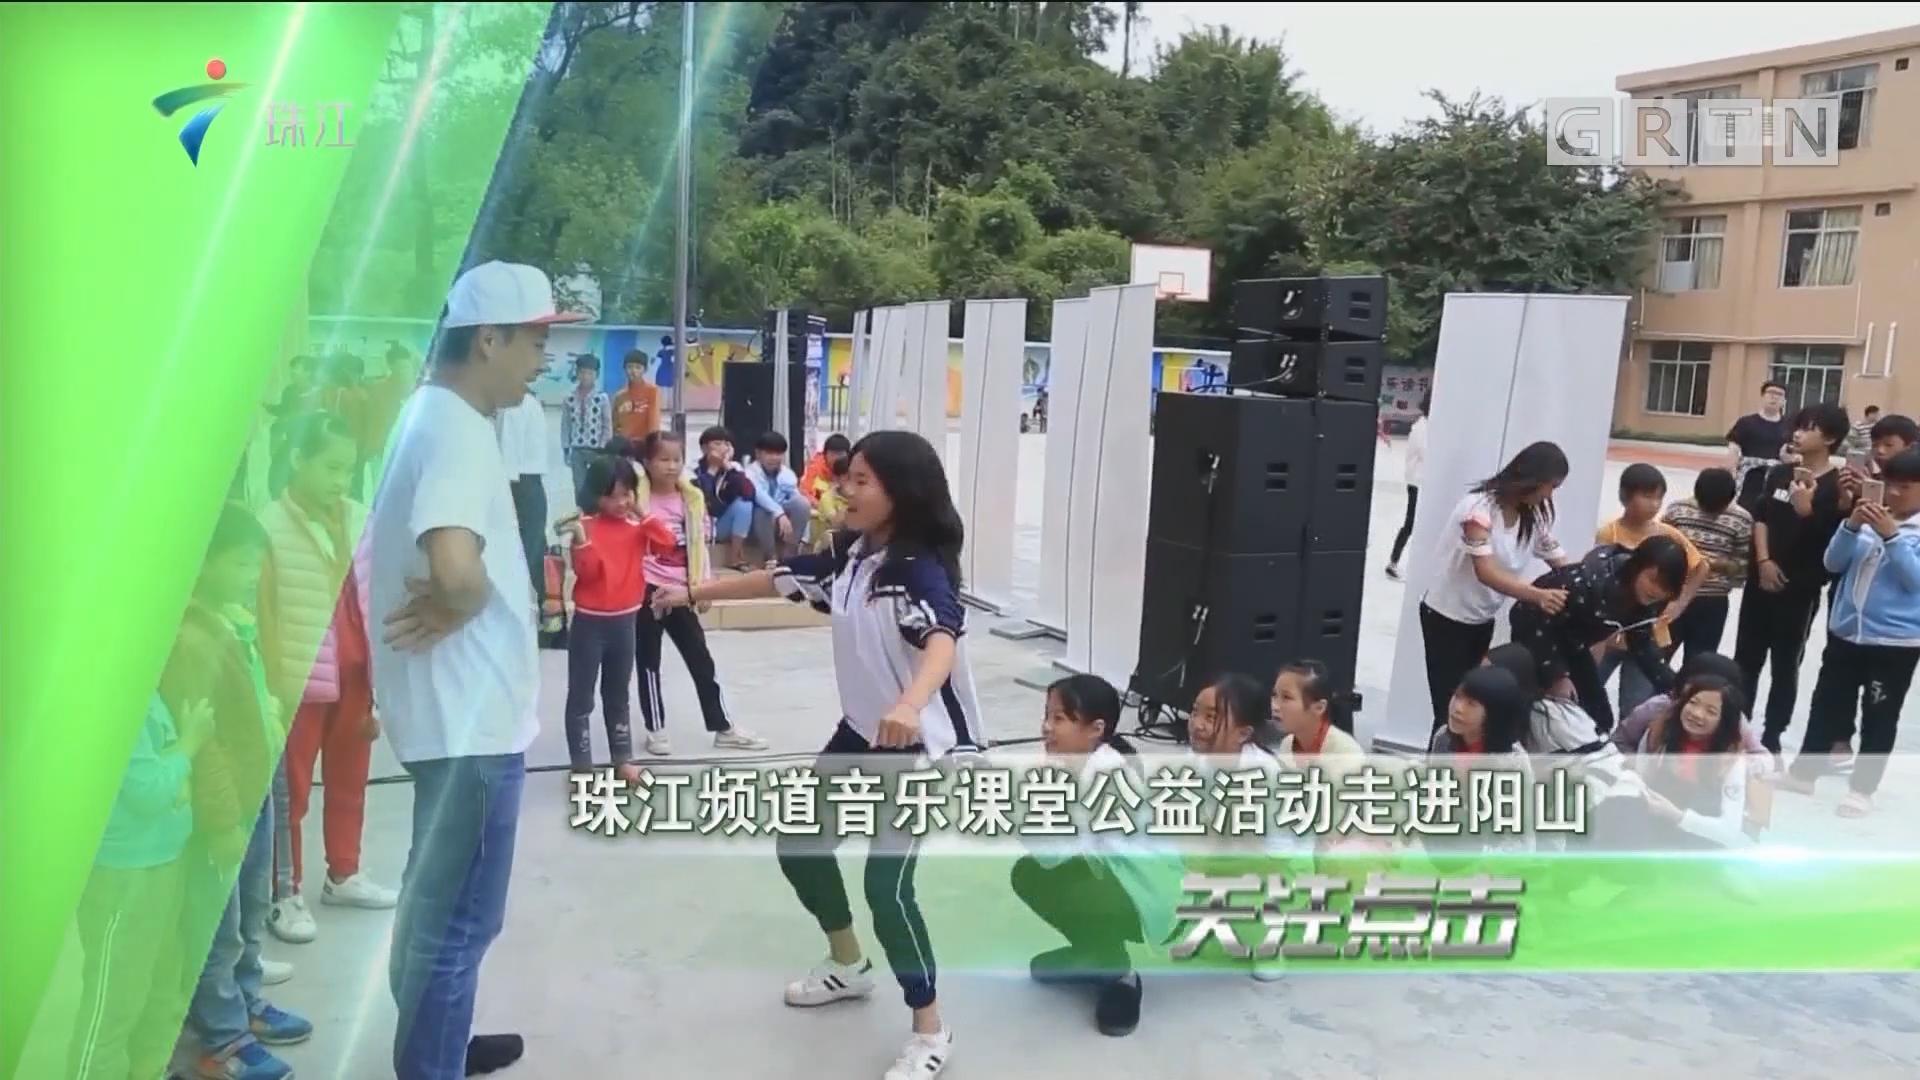 珠江频道音乐课堂公益活动走进阳山